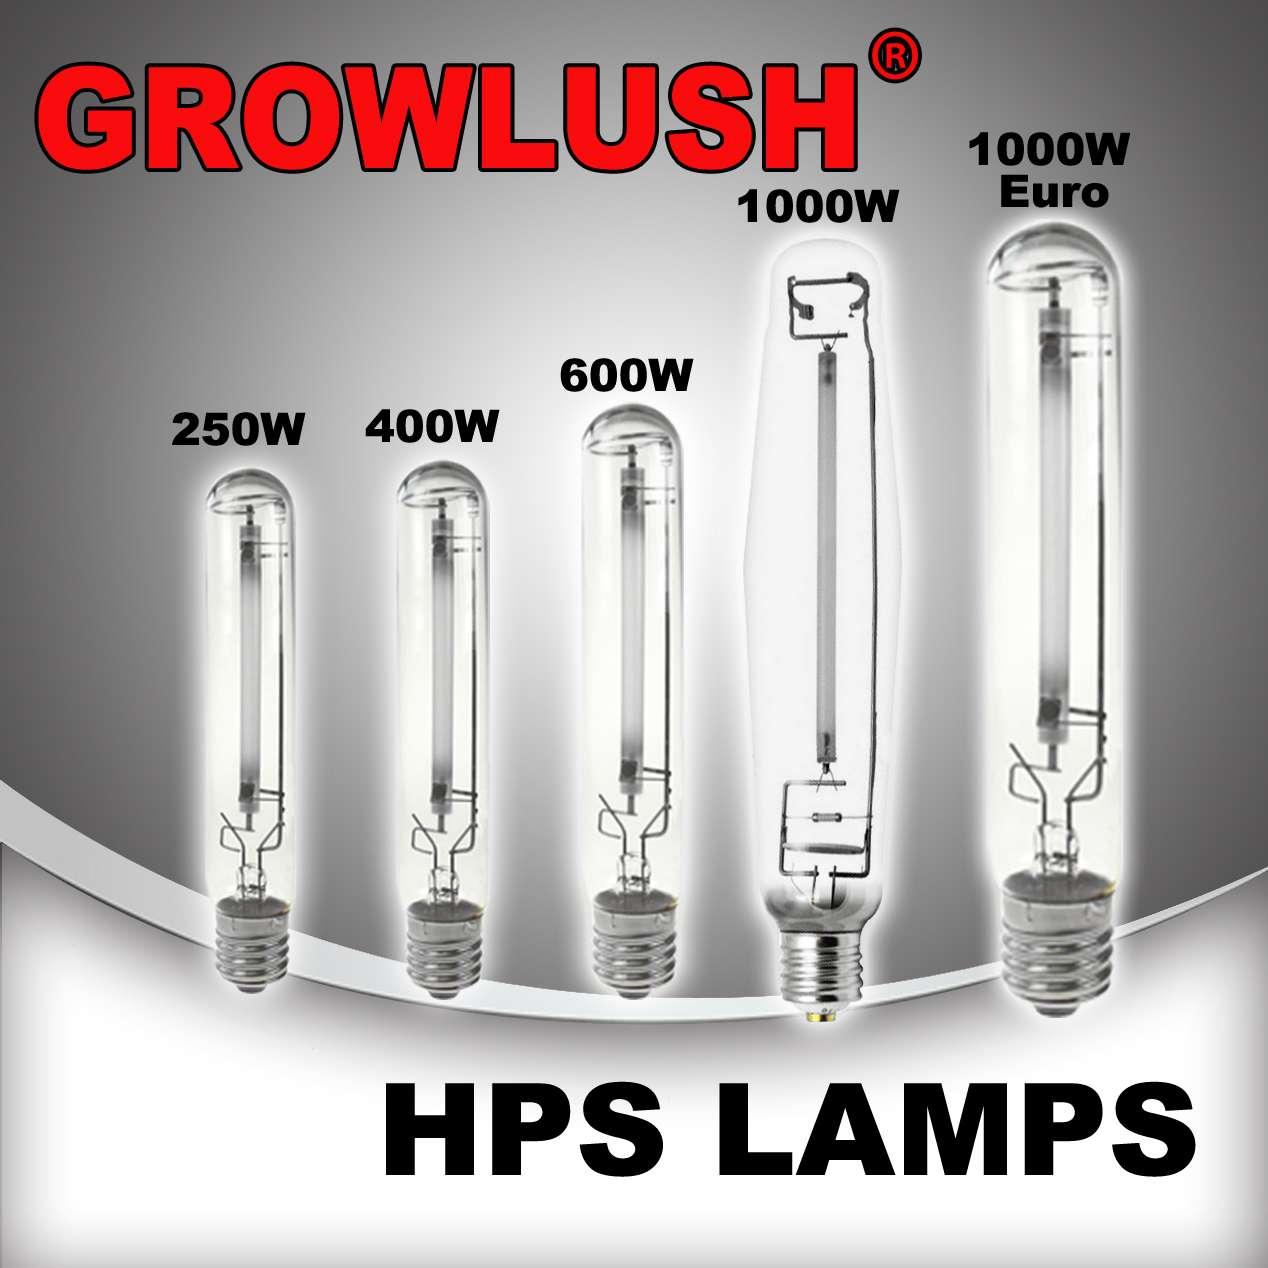 growlushhpslamps.jpg